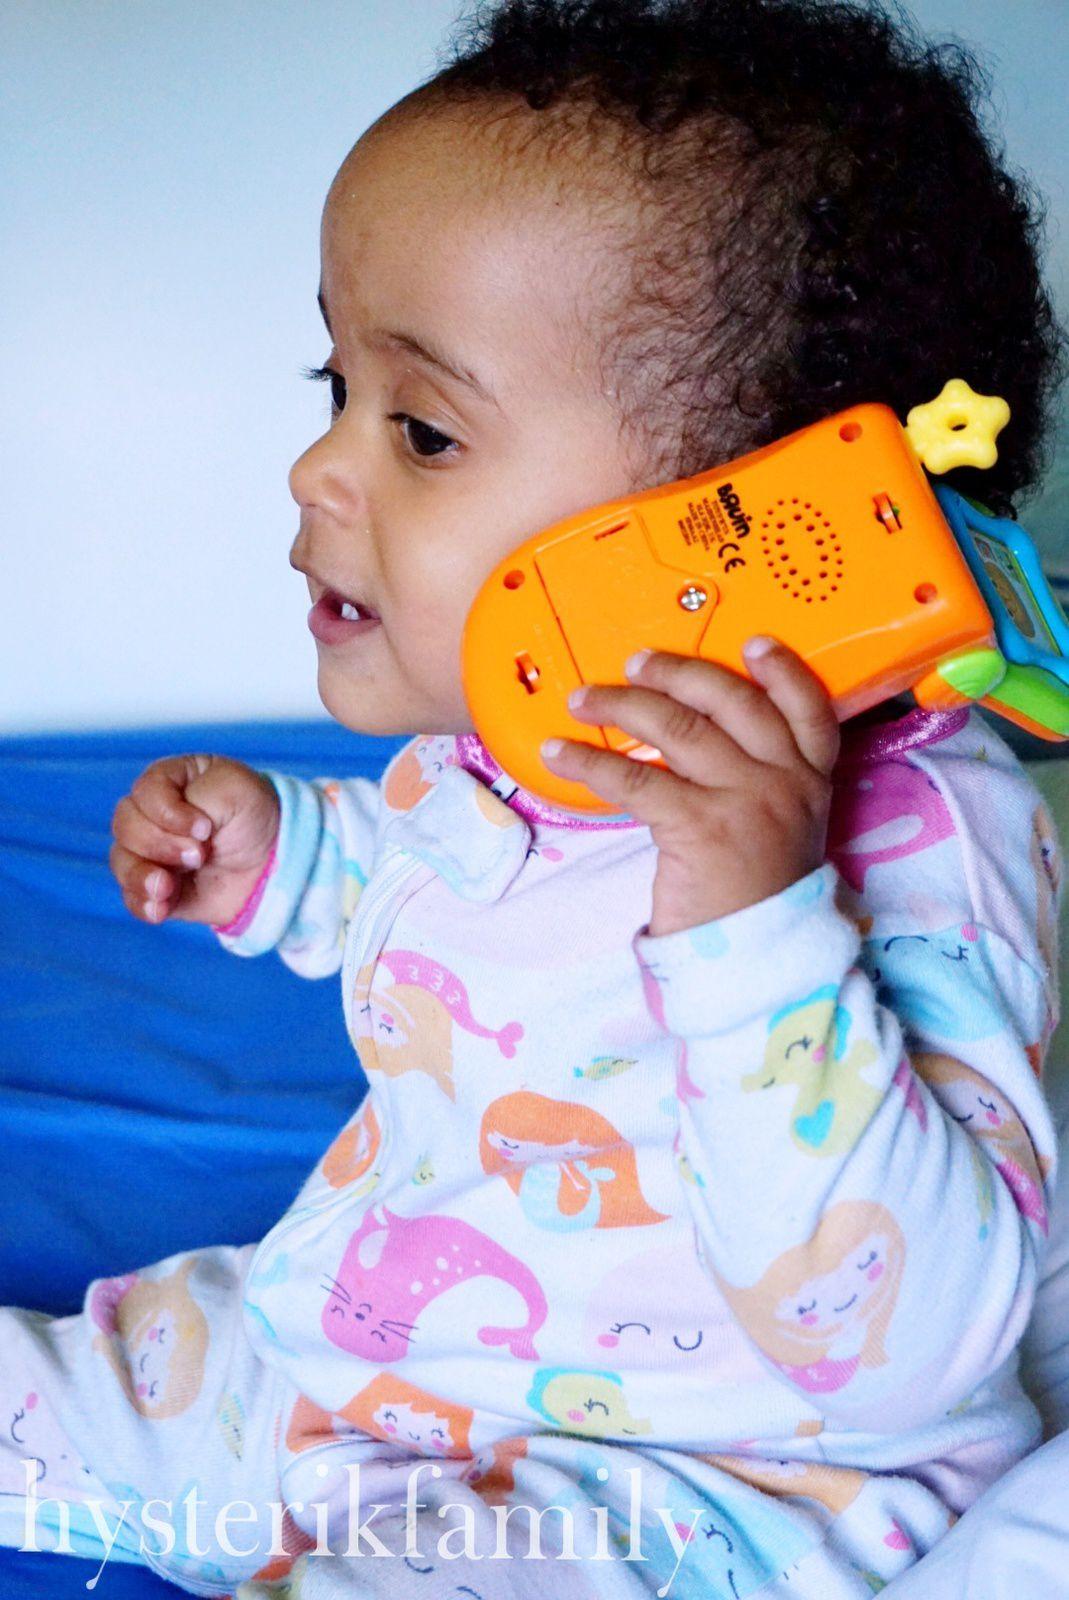 Jeu d'imitation #3 : jouer à faire &quot&#x3B;alo&quot&#x3B; au téléphone